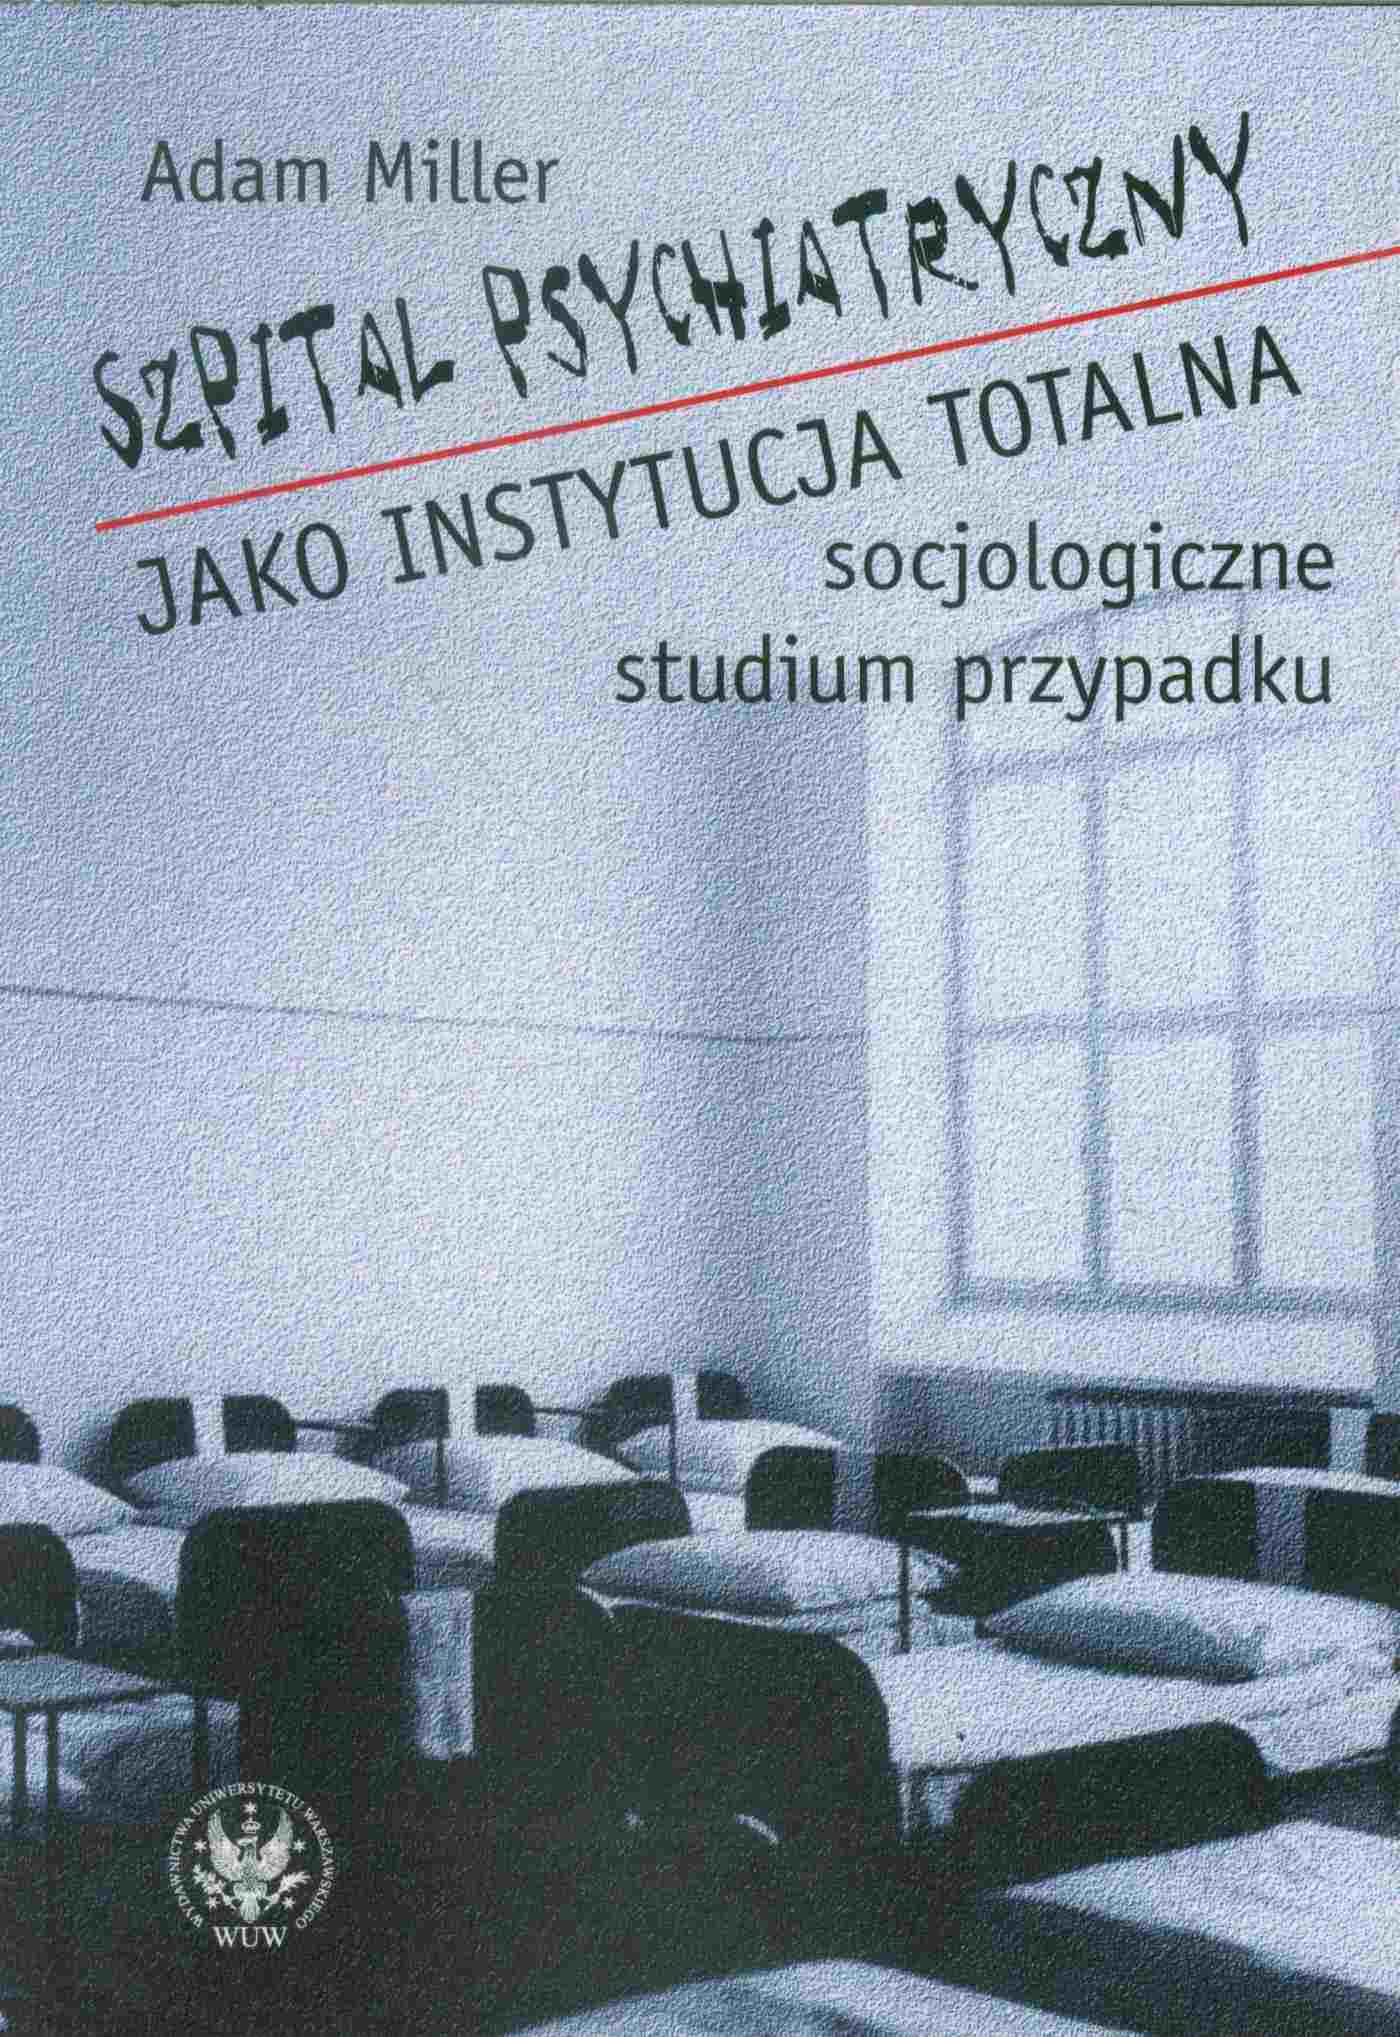 Szpital psychiatryczny jako instytucja totalna - Ebook (Książka PDF) do pobrania w formacie PDF